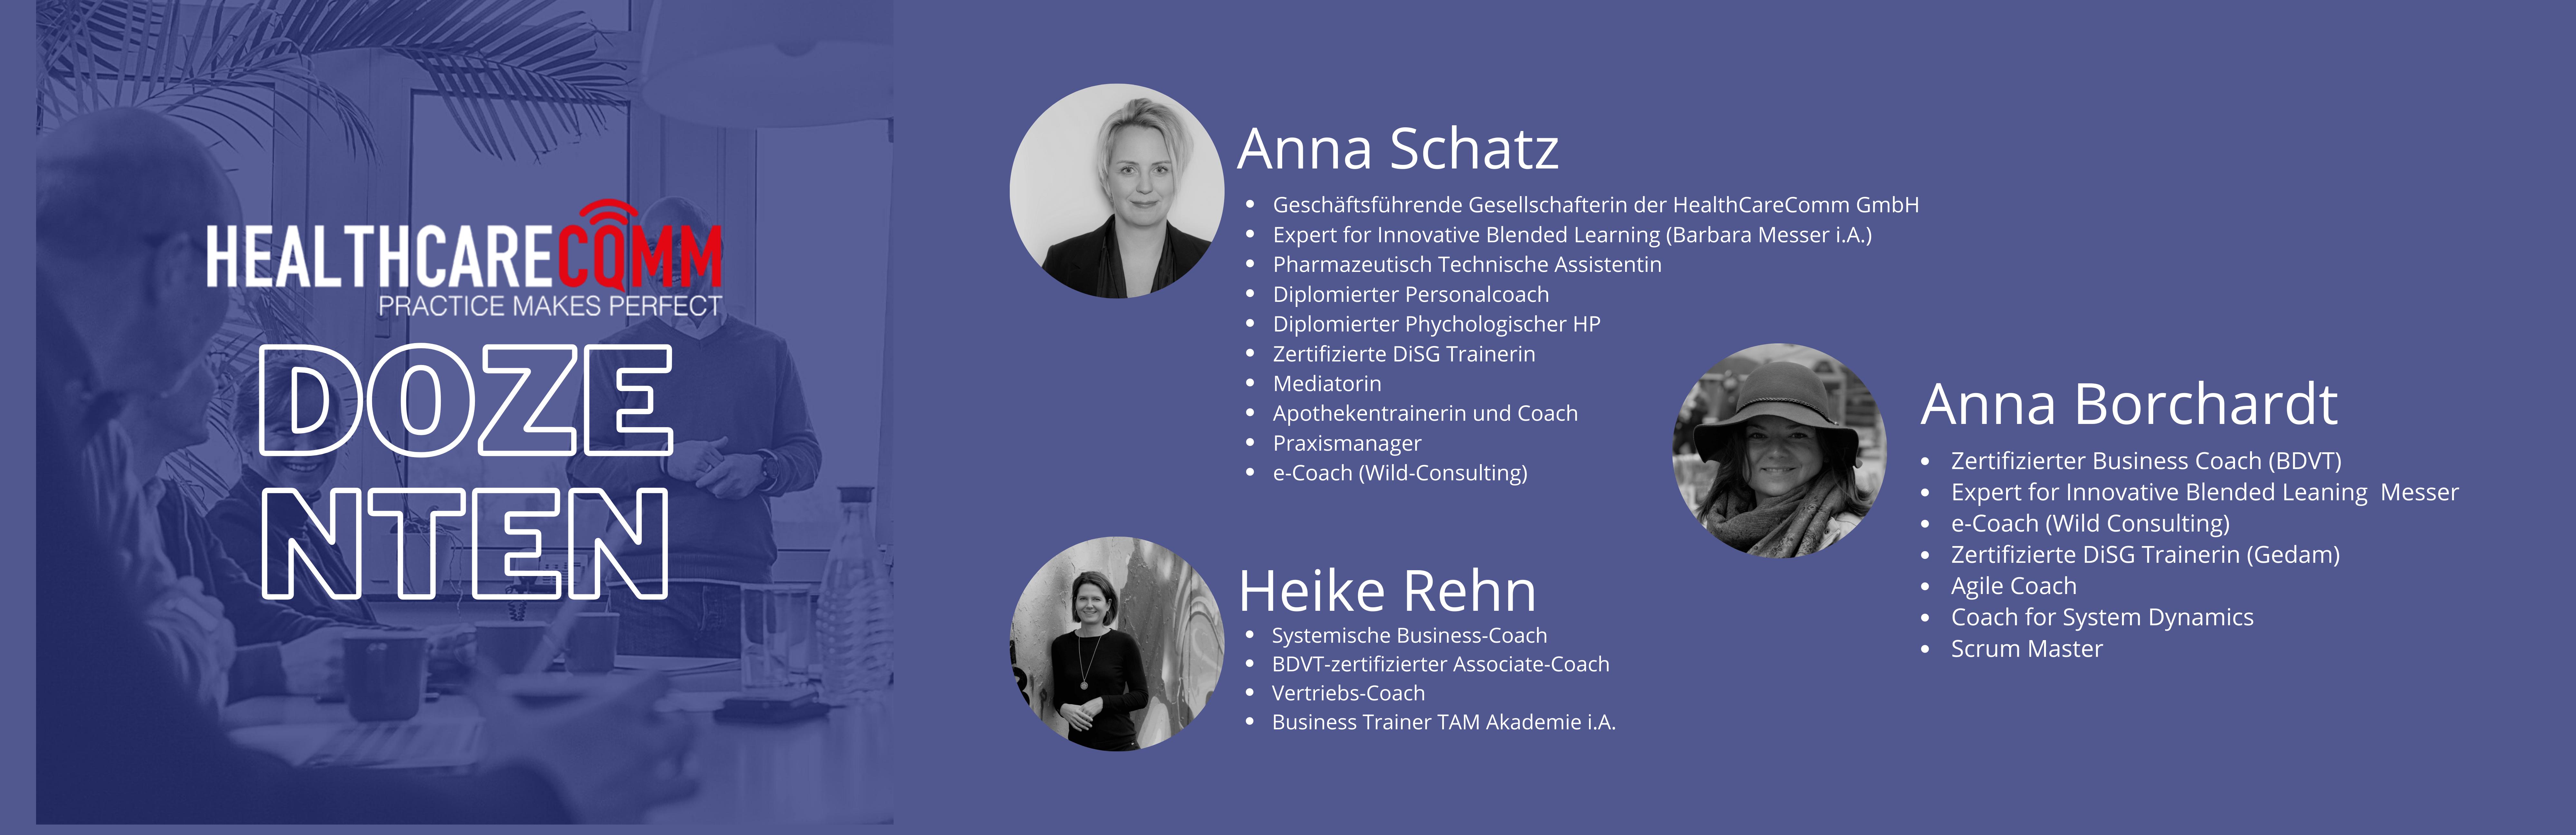 Webinar: Digital Leadership 2 - Social Media Agentur aus Oldenburg Social Media Agentur aus Oldenburg